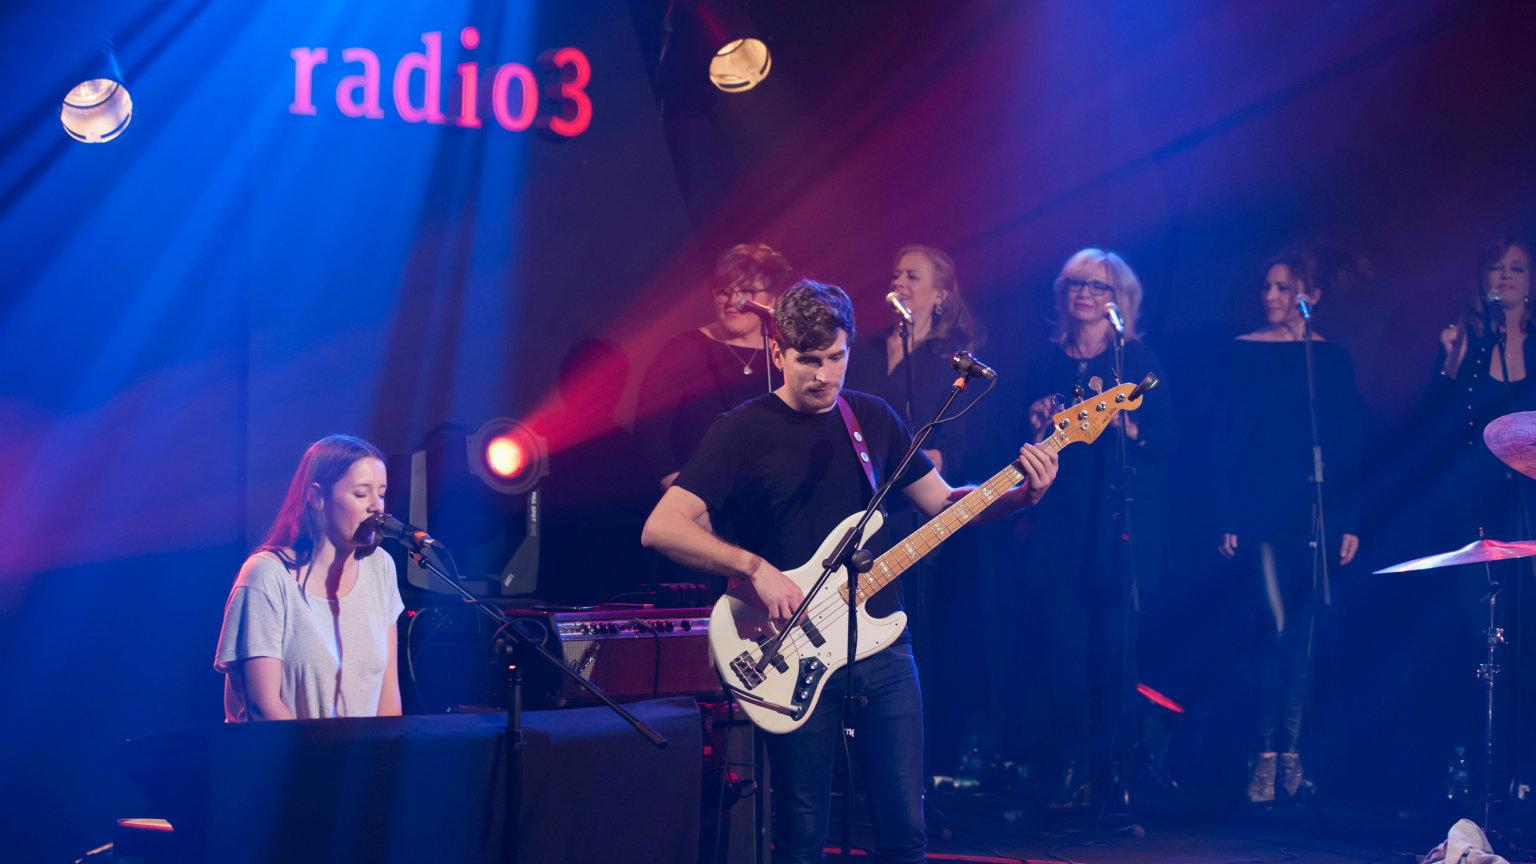 Los conciertos de Radio 3 - Morgan